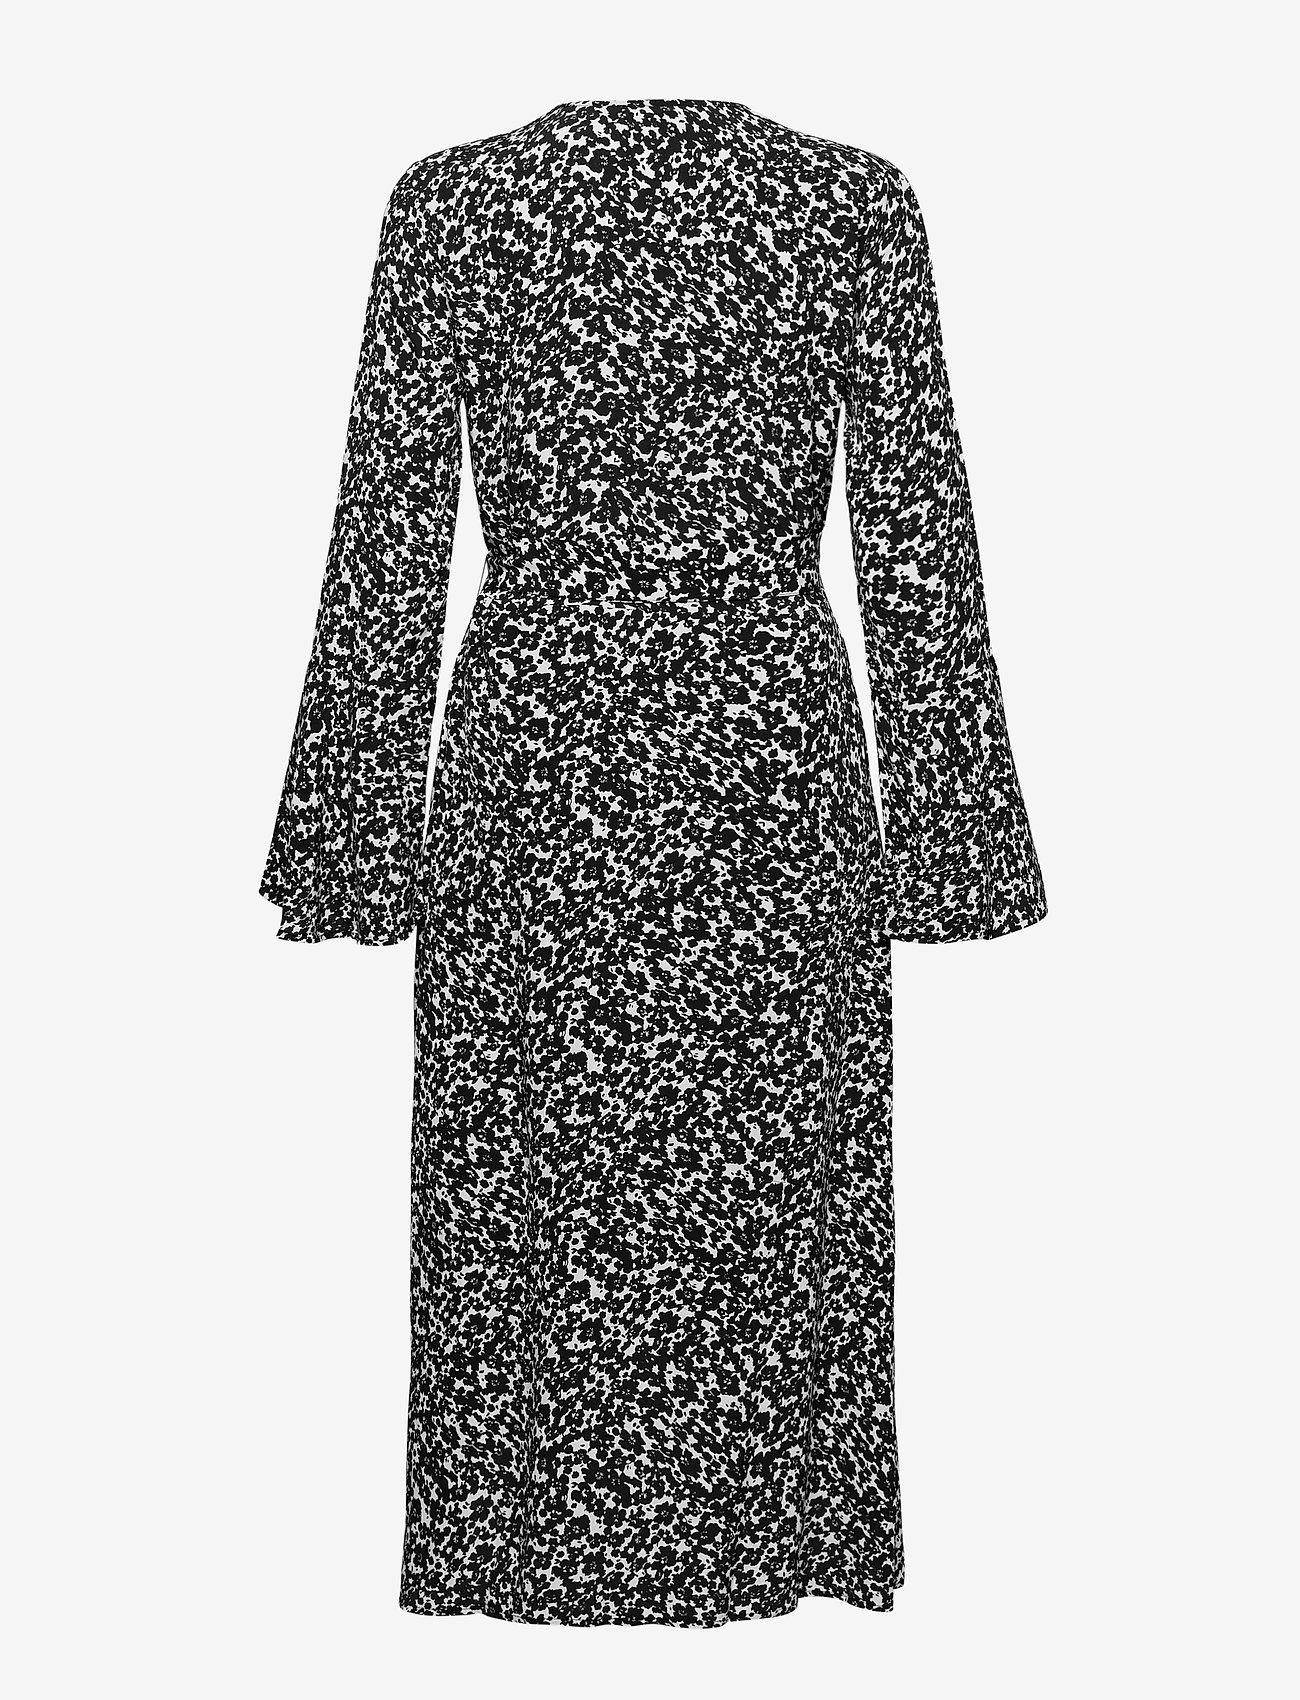 Ilse Jacobsen - DRESS - hverdagskjoler - black - 1